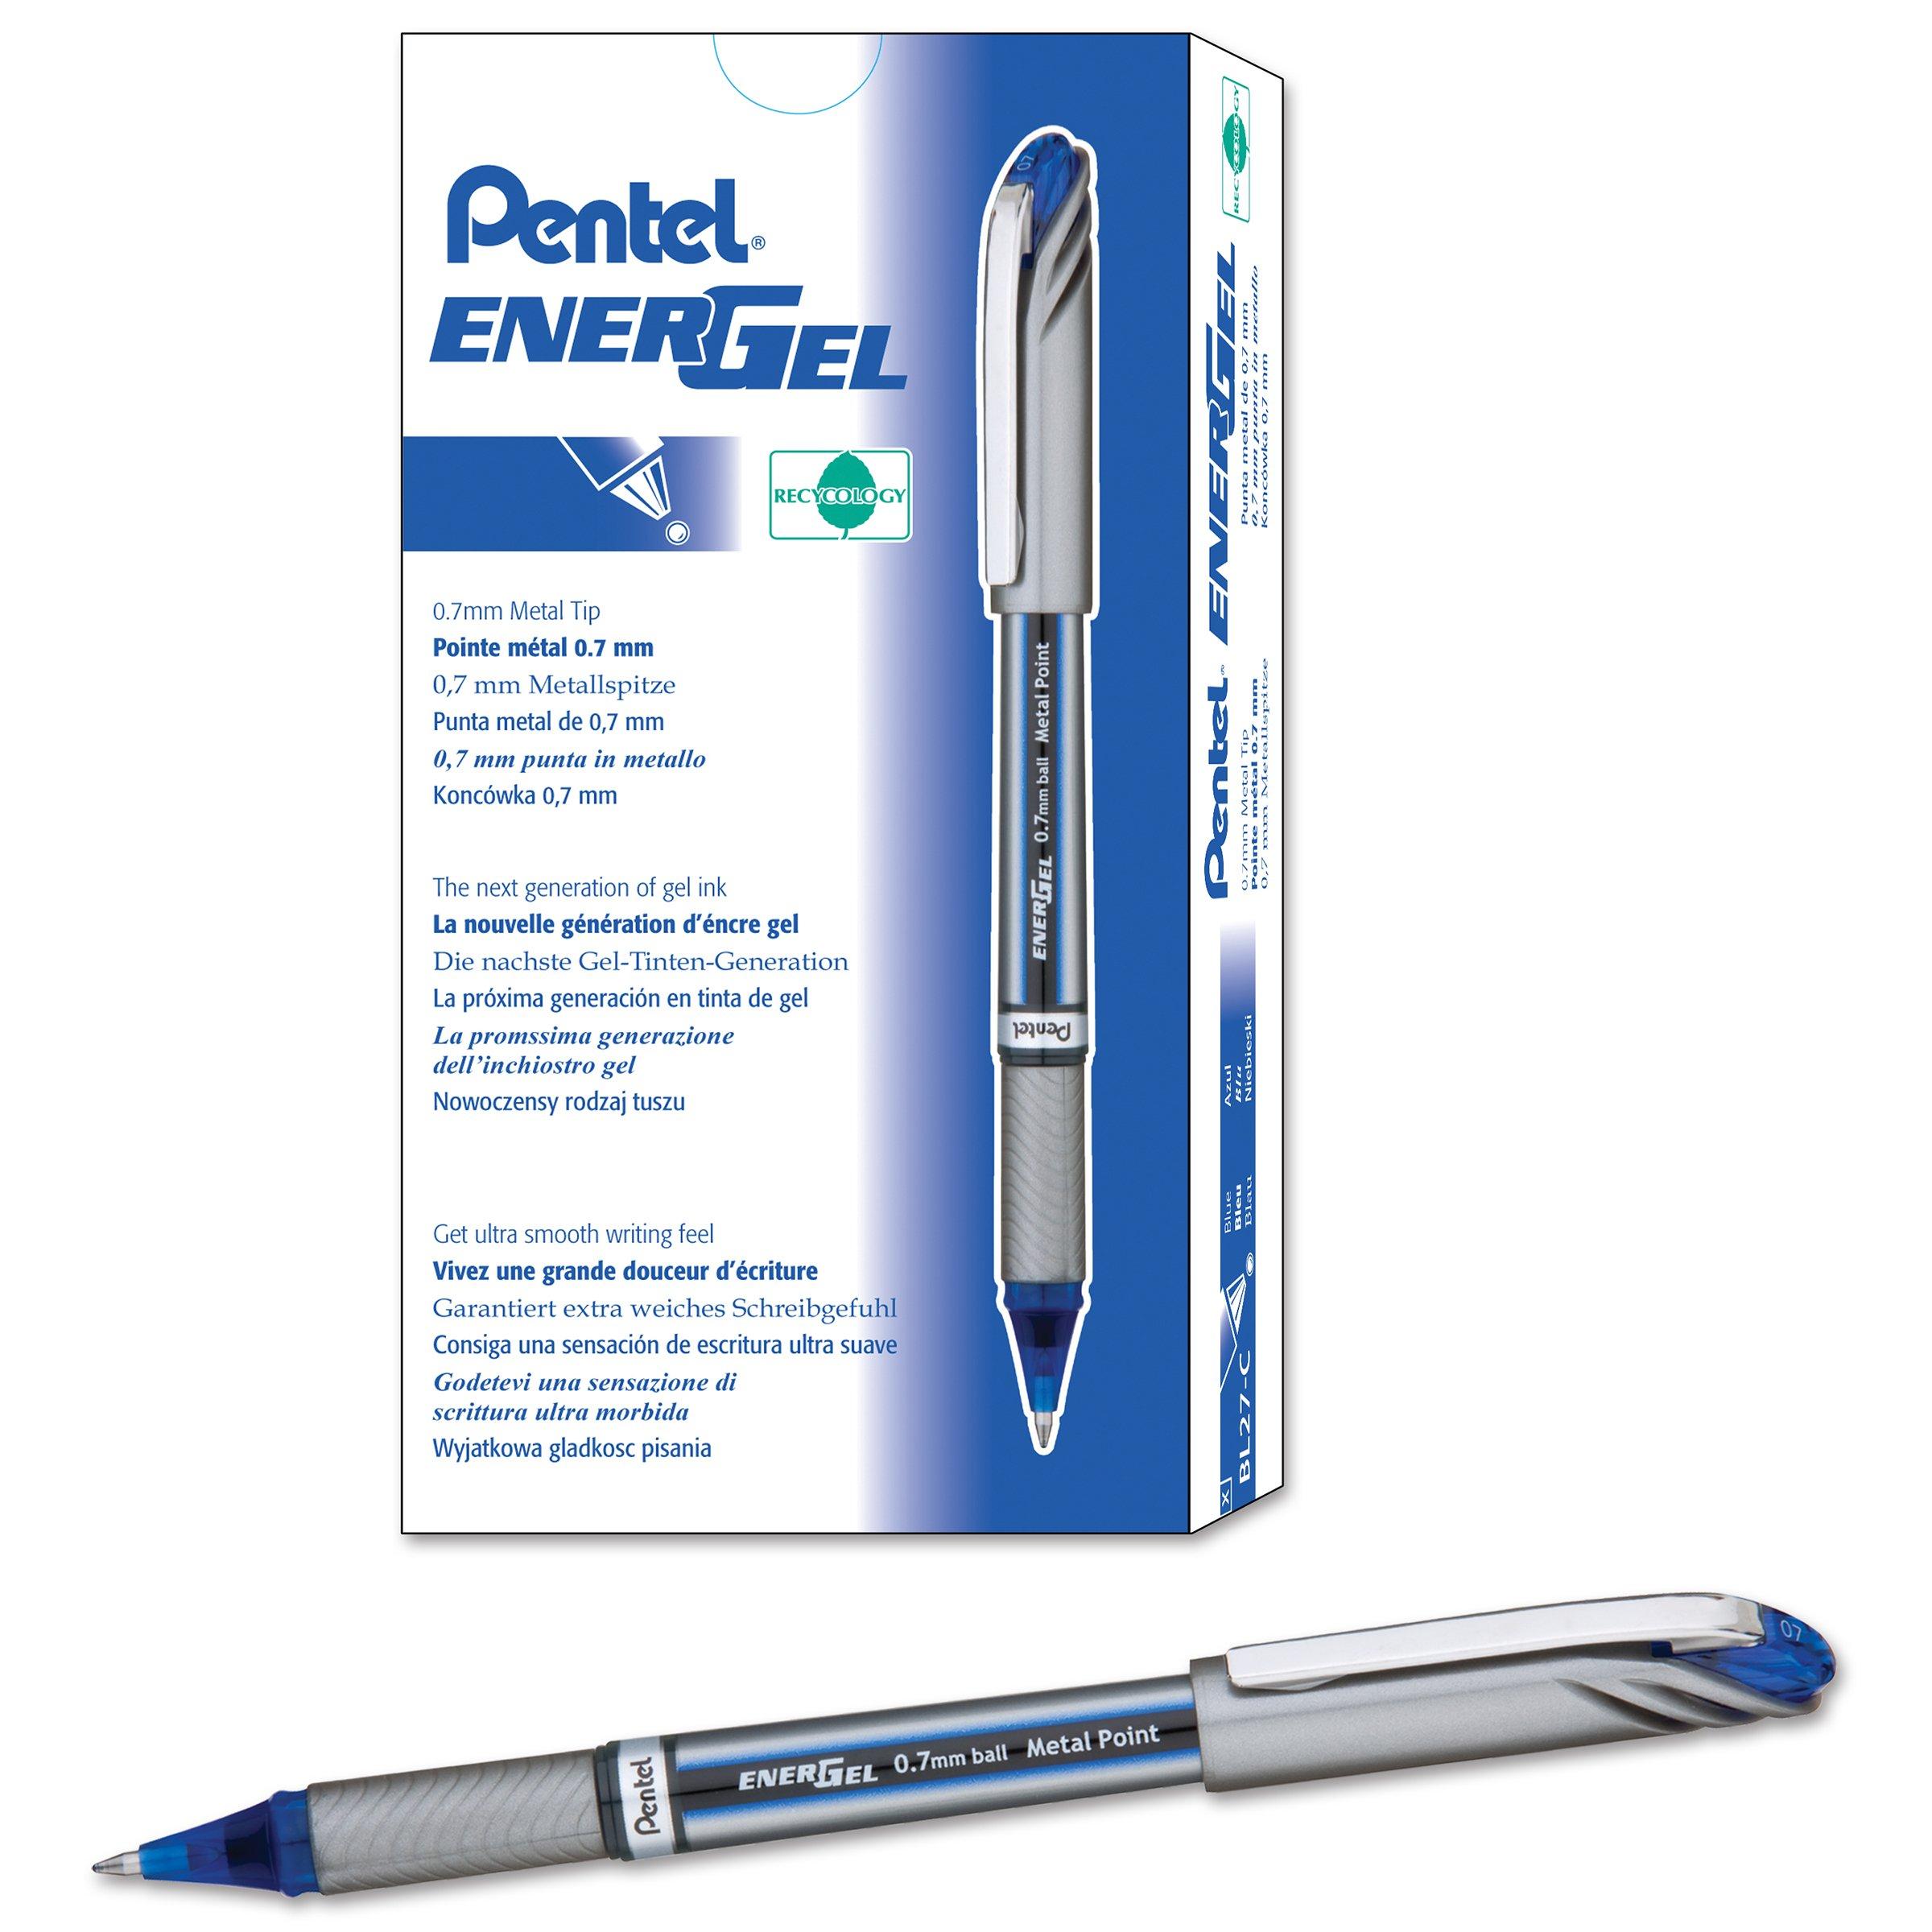 Pentel EnerGel NV Liquid Gel Pen, 0.7mm, Medium Line Capped, Metal Tip, Blue Ink, Box of 12 (BL27-C) by Pentel (Image #1)